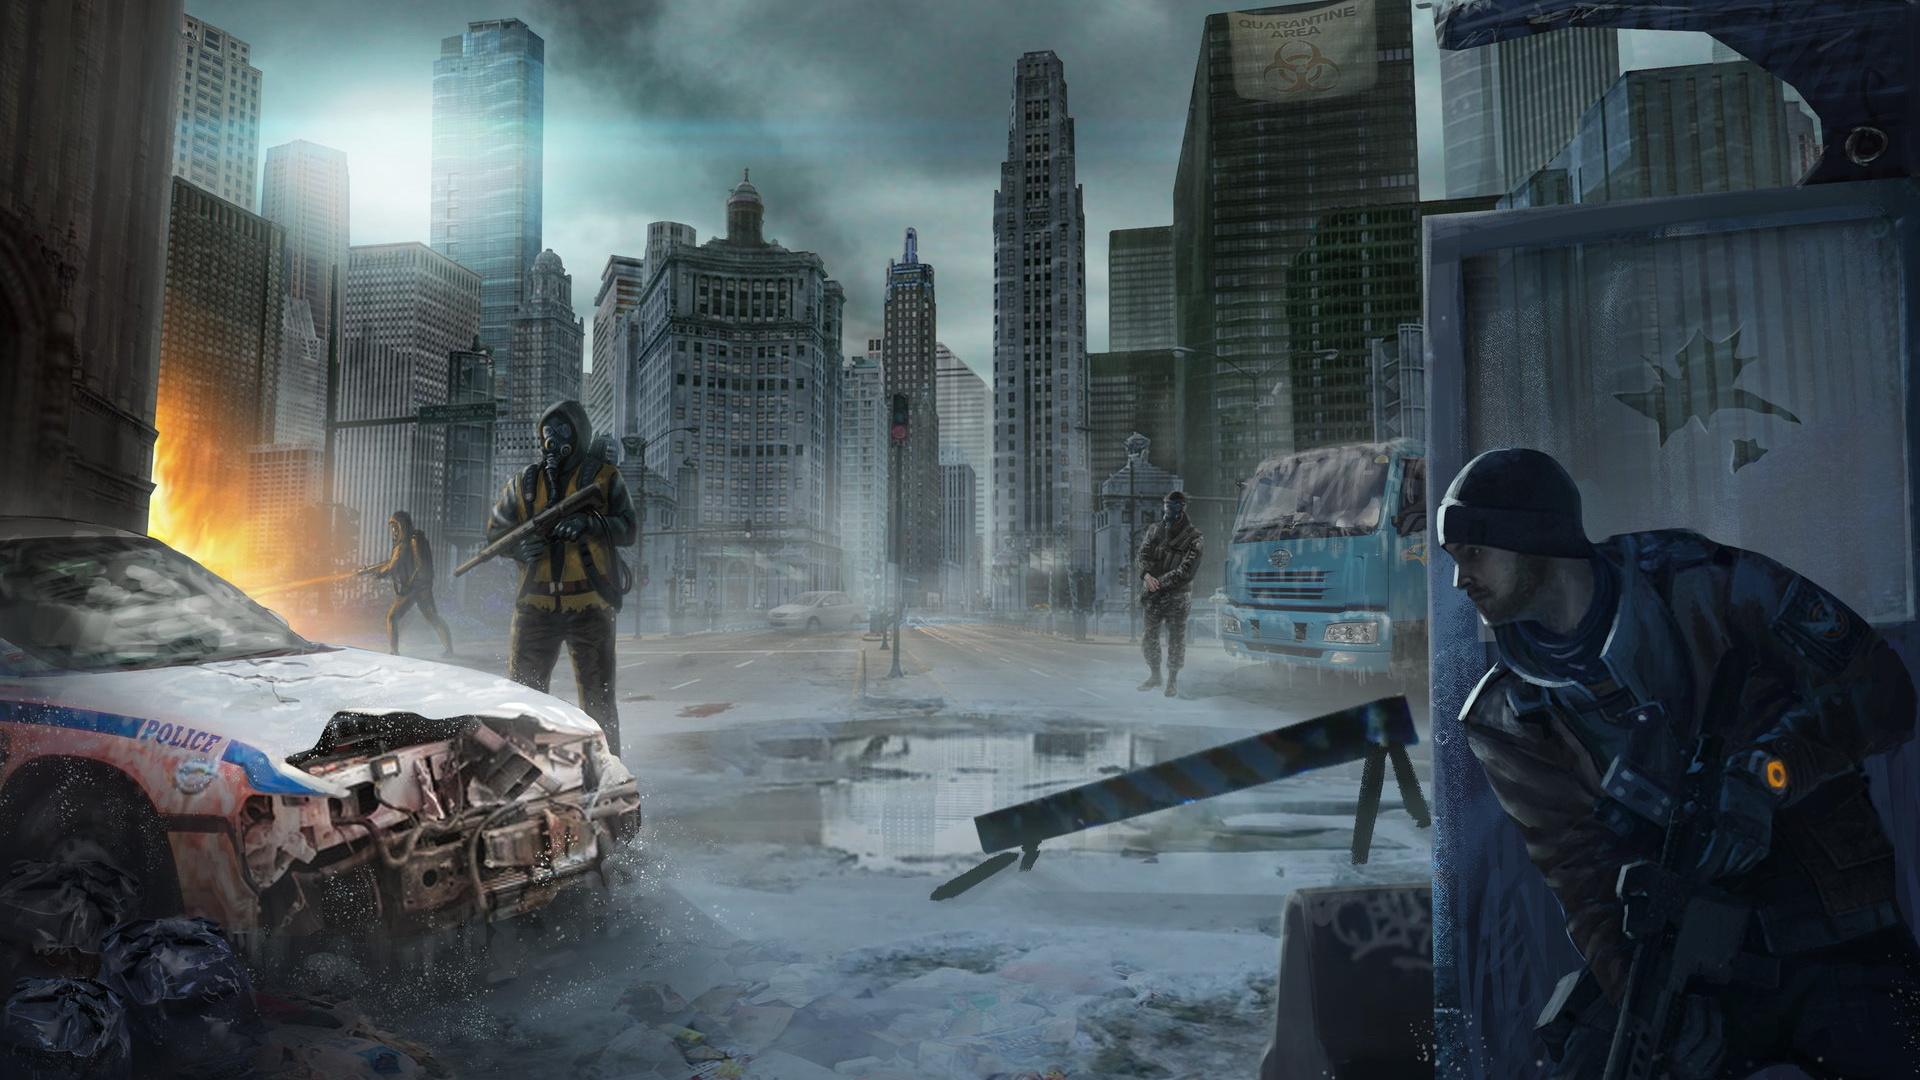 壁紙 19x1080 兵 トム クランシー 超高層建築物 The Division ゲーム ダウンロード 写真